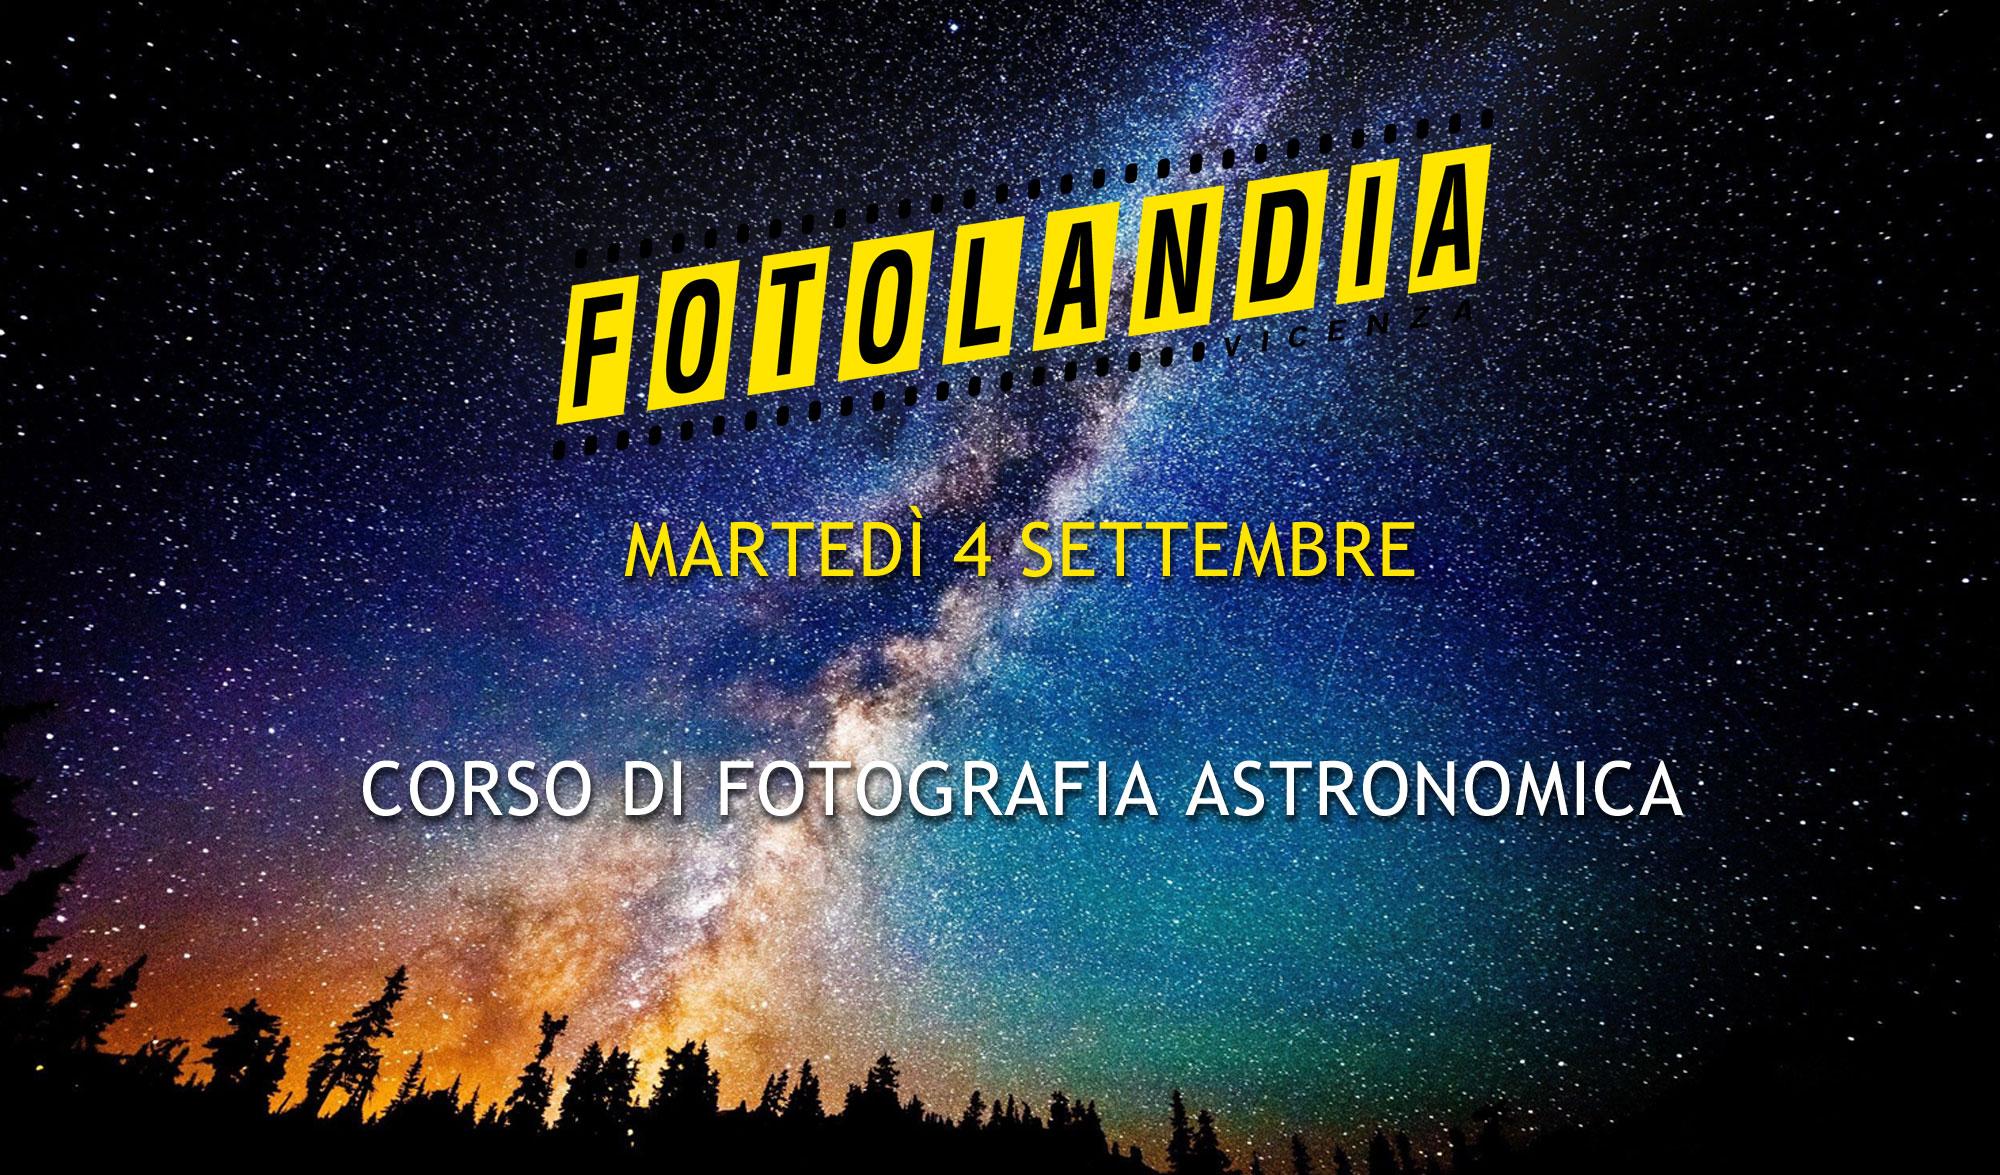 Settembre 2018 Corso Di Fotografia Astronomica Fotolandia